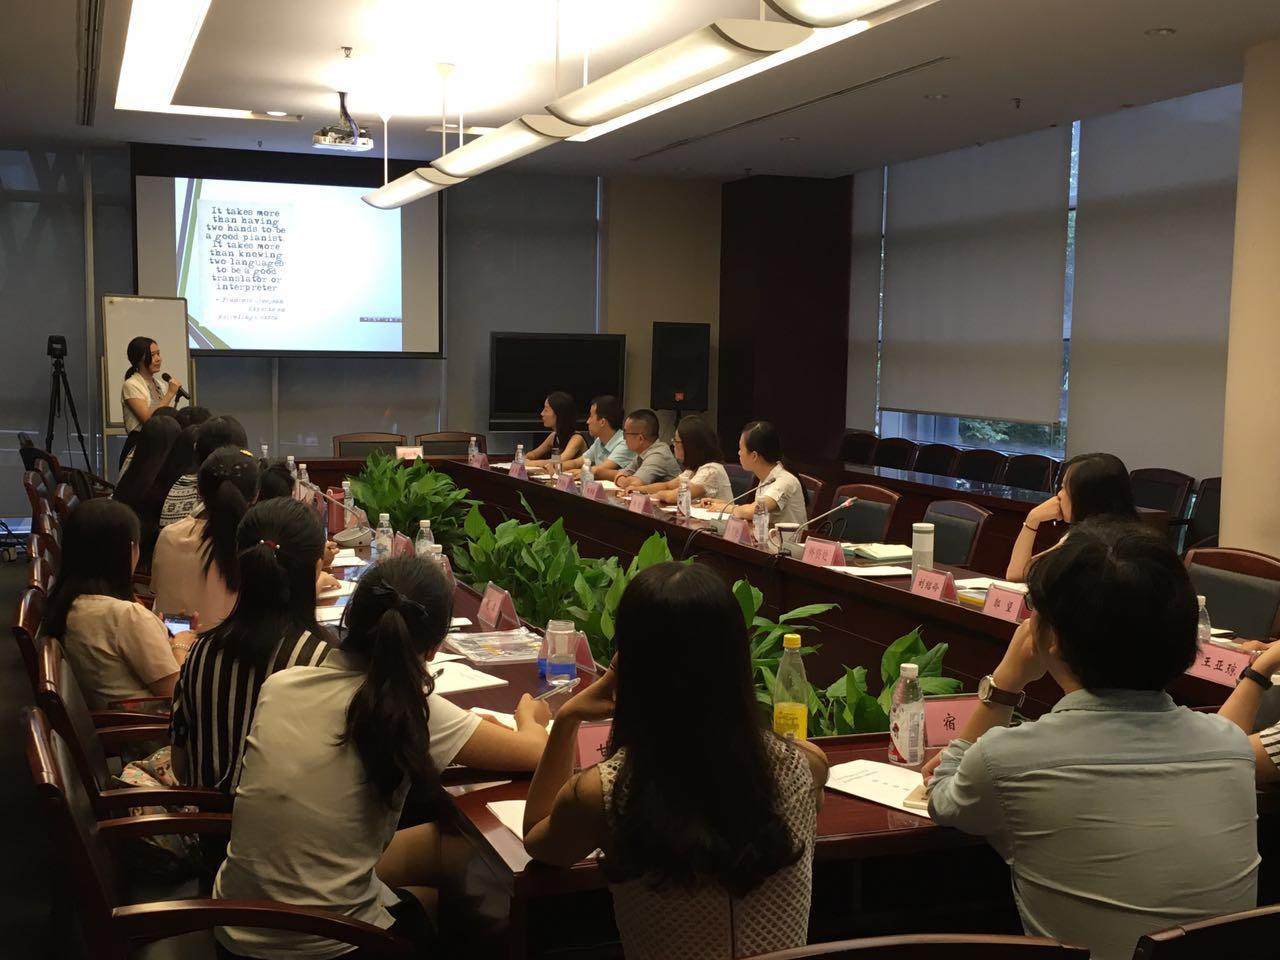 bwin登录注册翻译(成都)为四川银监局独家提供企业内训服务